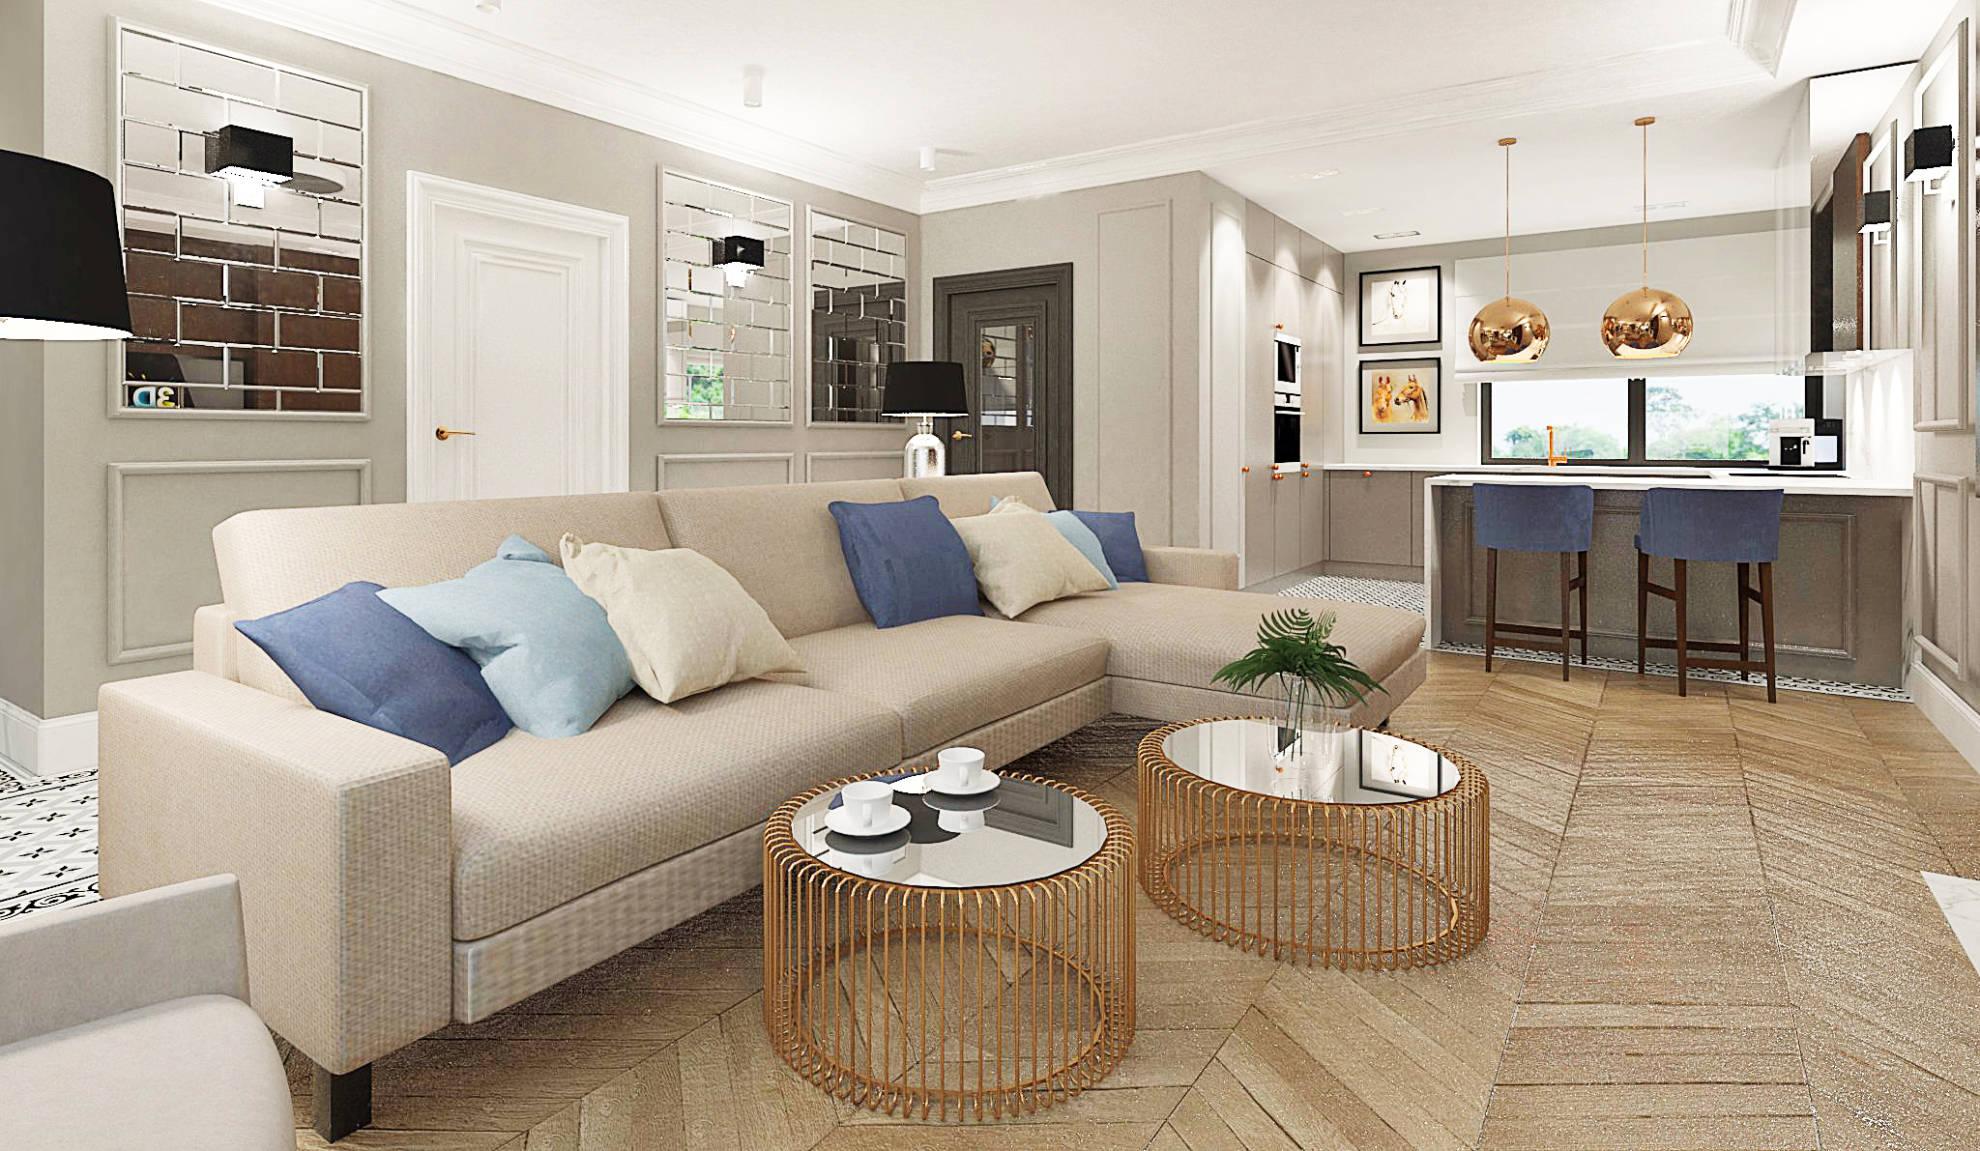 Aranżacja salonu w mieszkaniu - projekt architekt wnętrz Emilia Strzempek Plasun